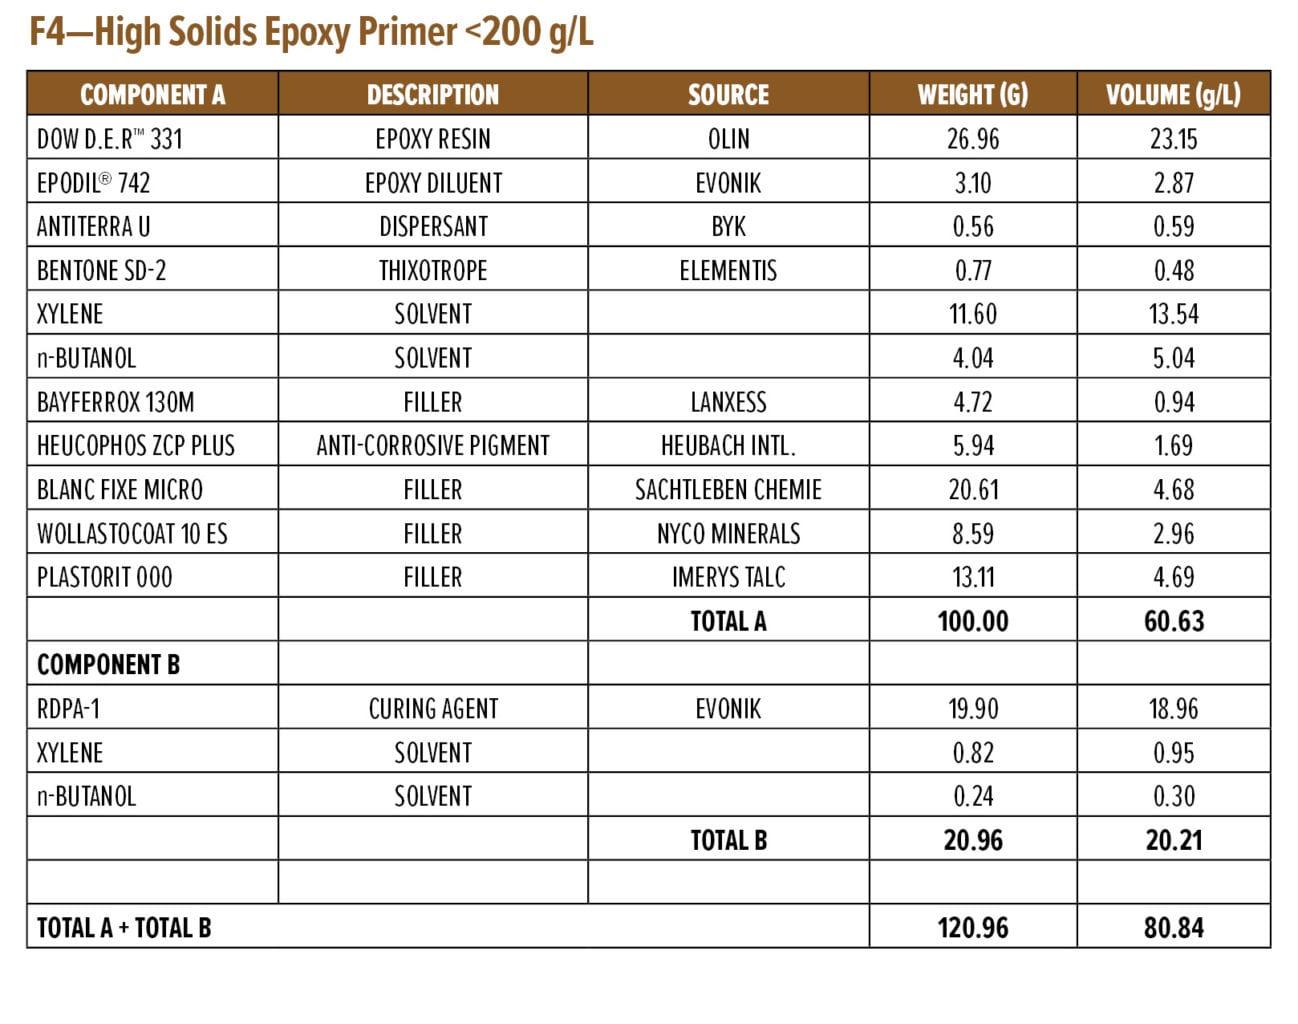 F4—High Solids Epoxy Primer <200 g/L